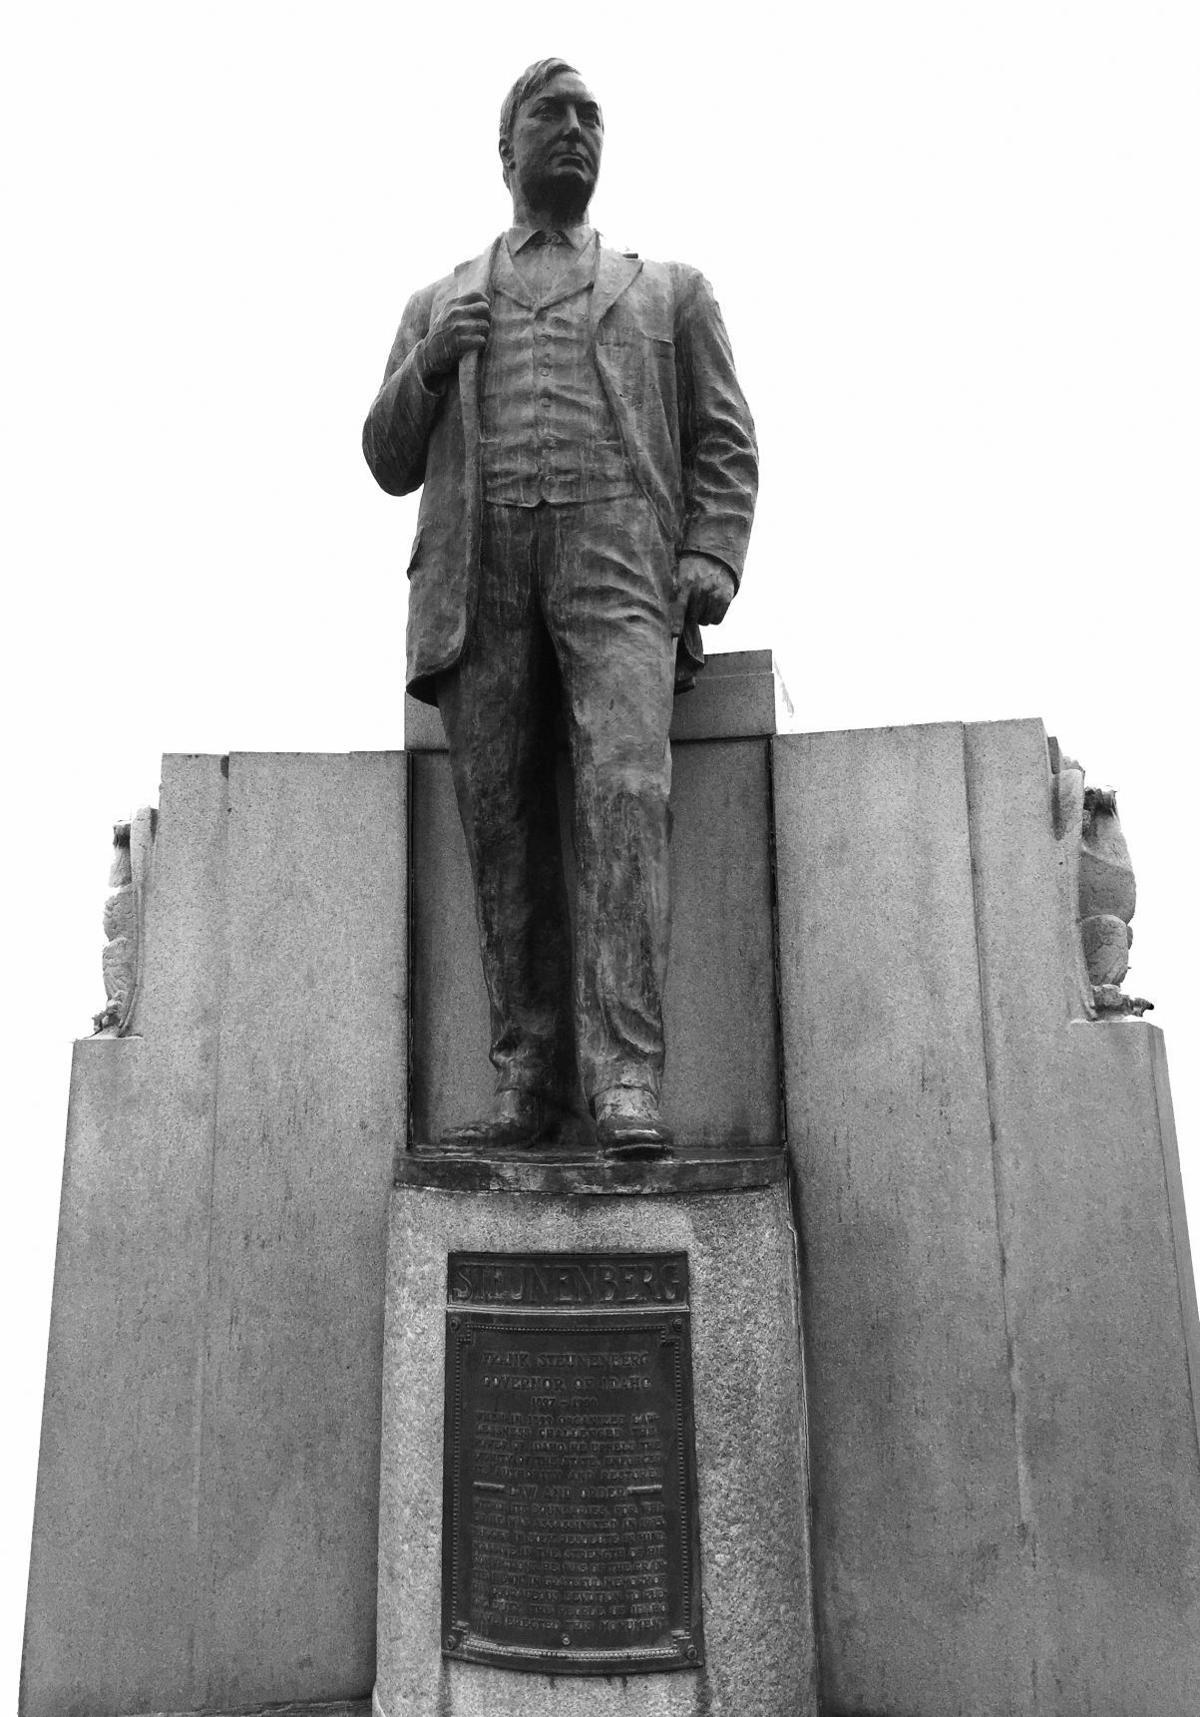 Steunenberg statue